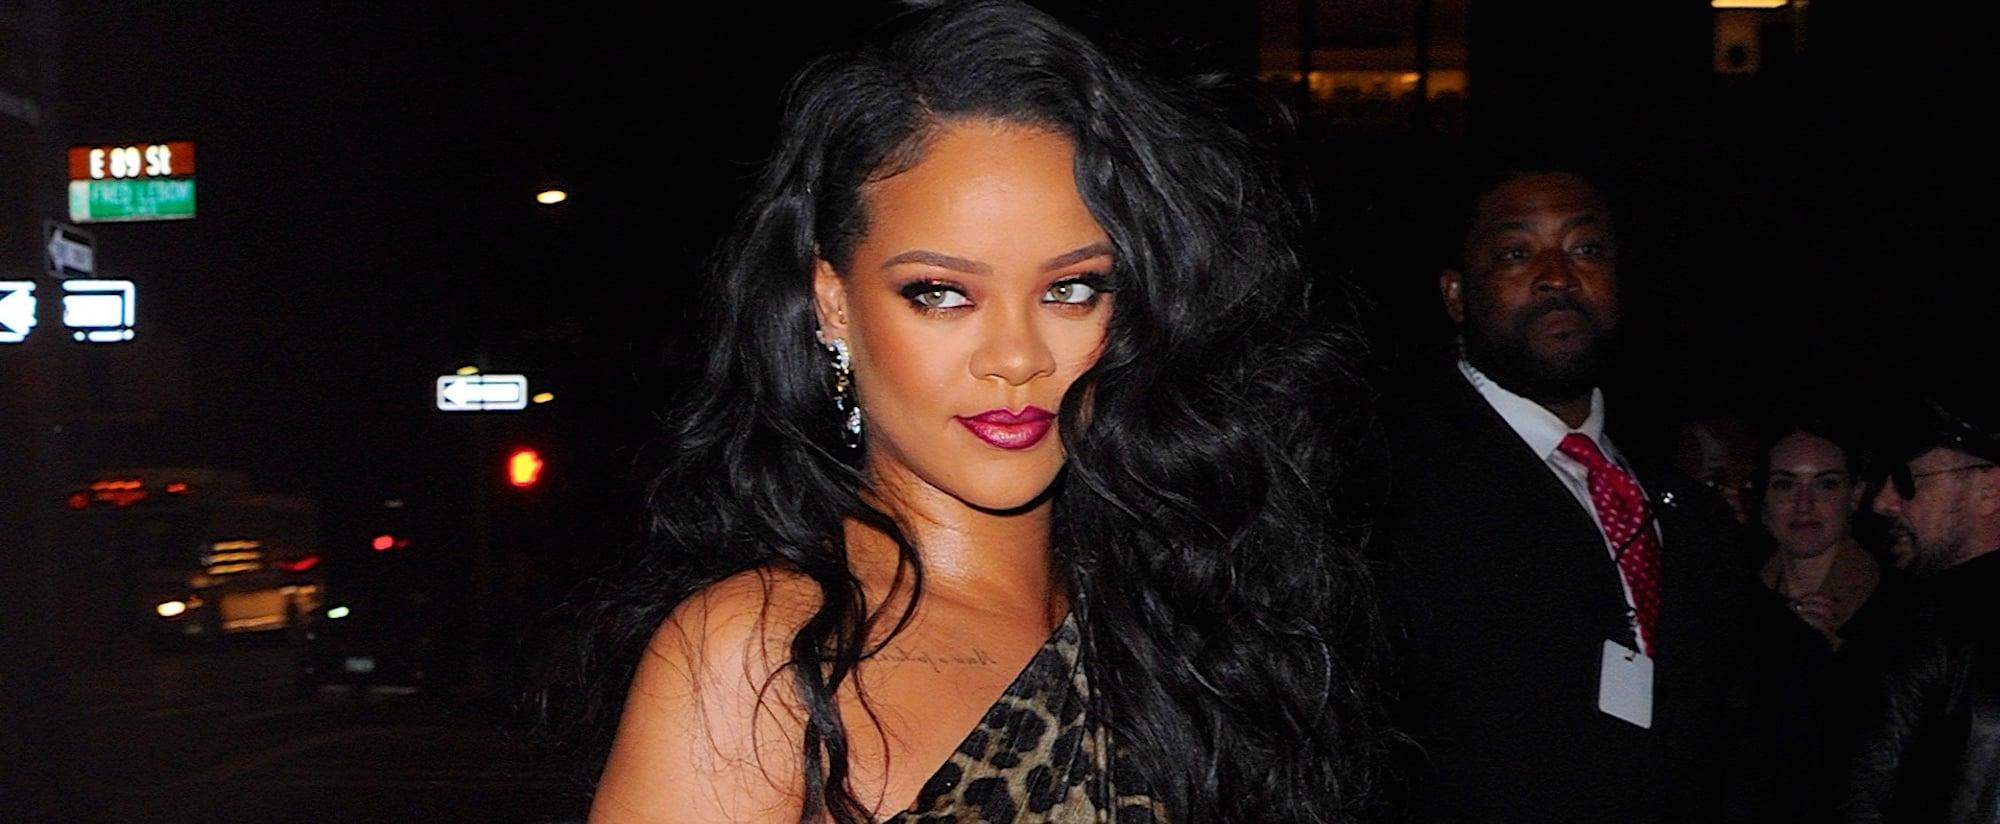 Rihanna Celebrates Her Book Launch in a Leopard Dress